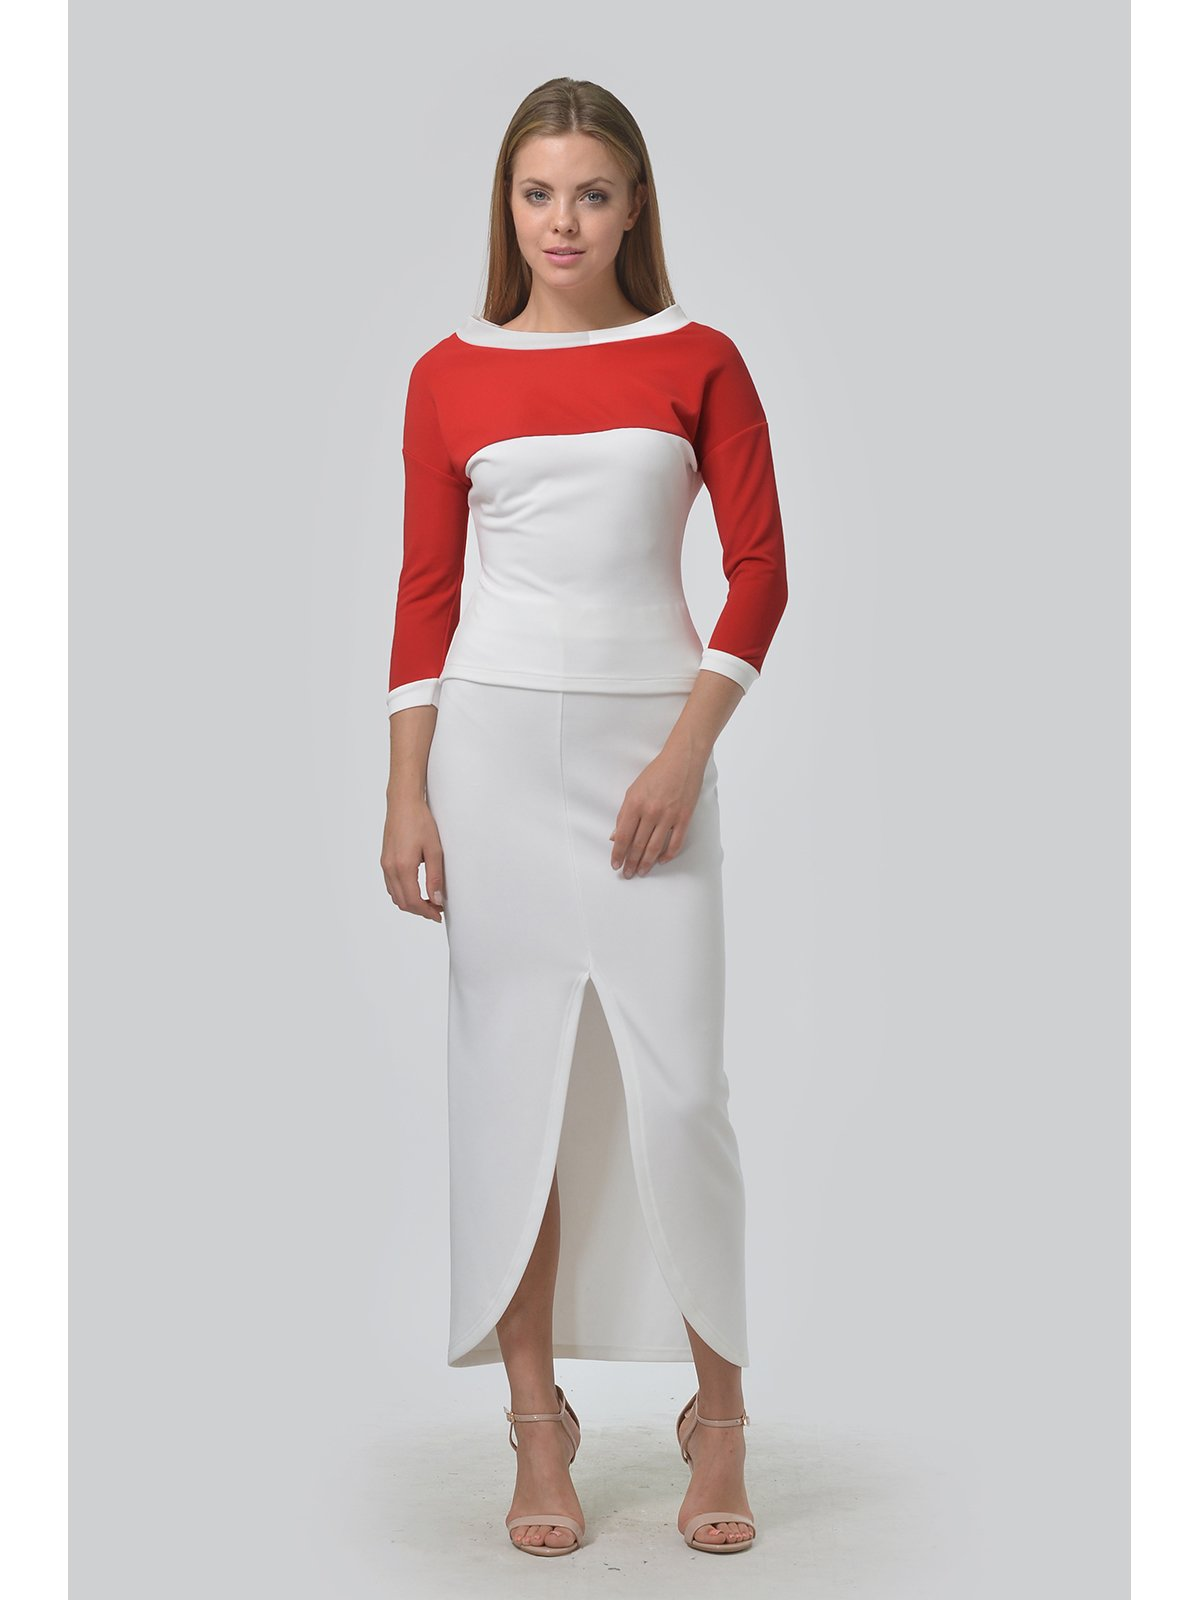 Комплект: джемпер и юбка | 3590468 | фото 2